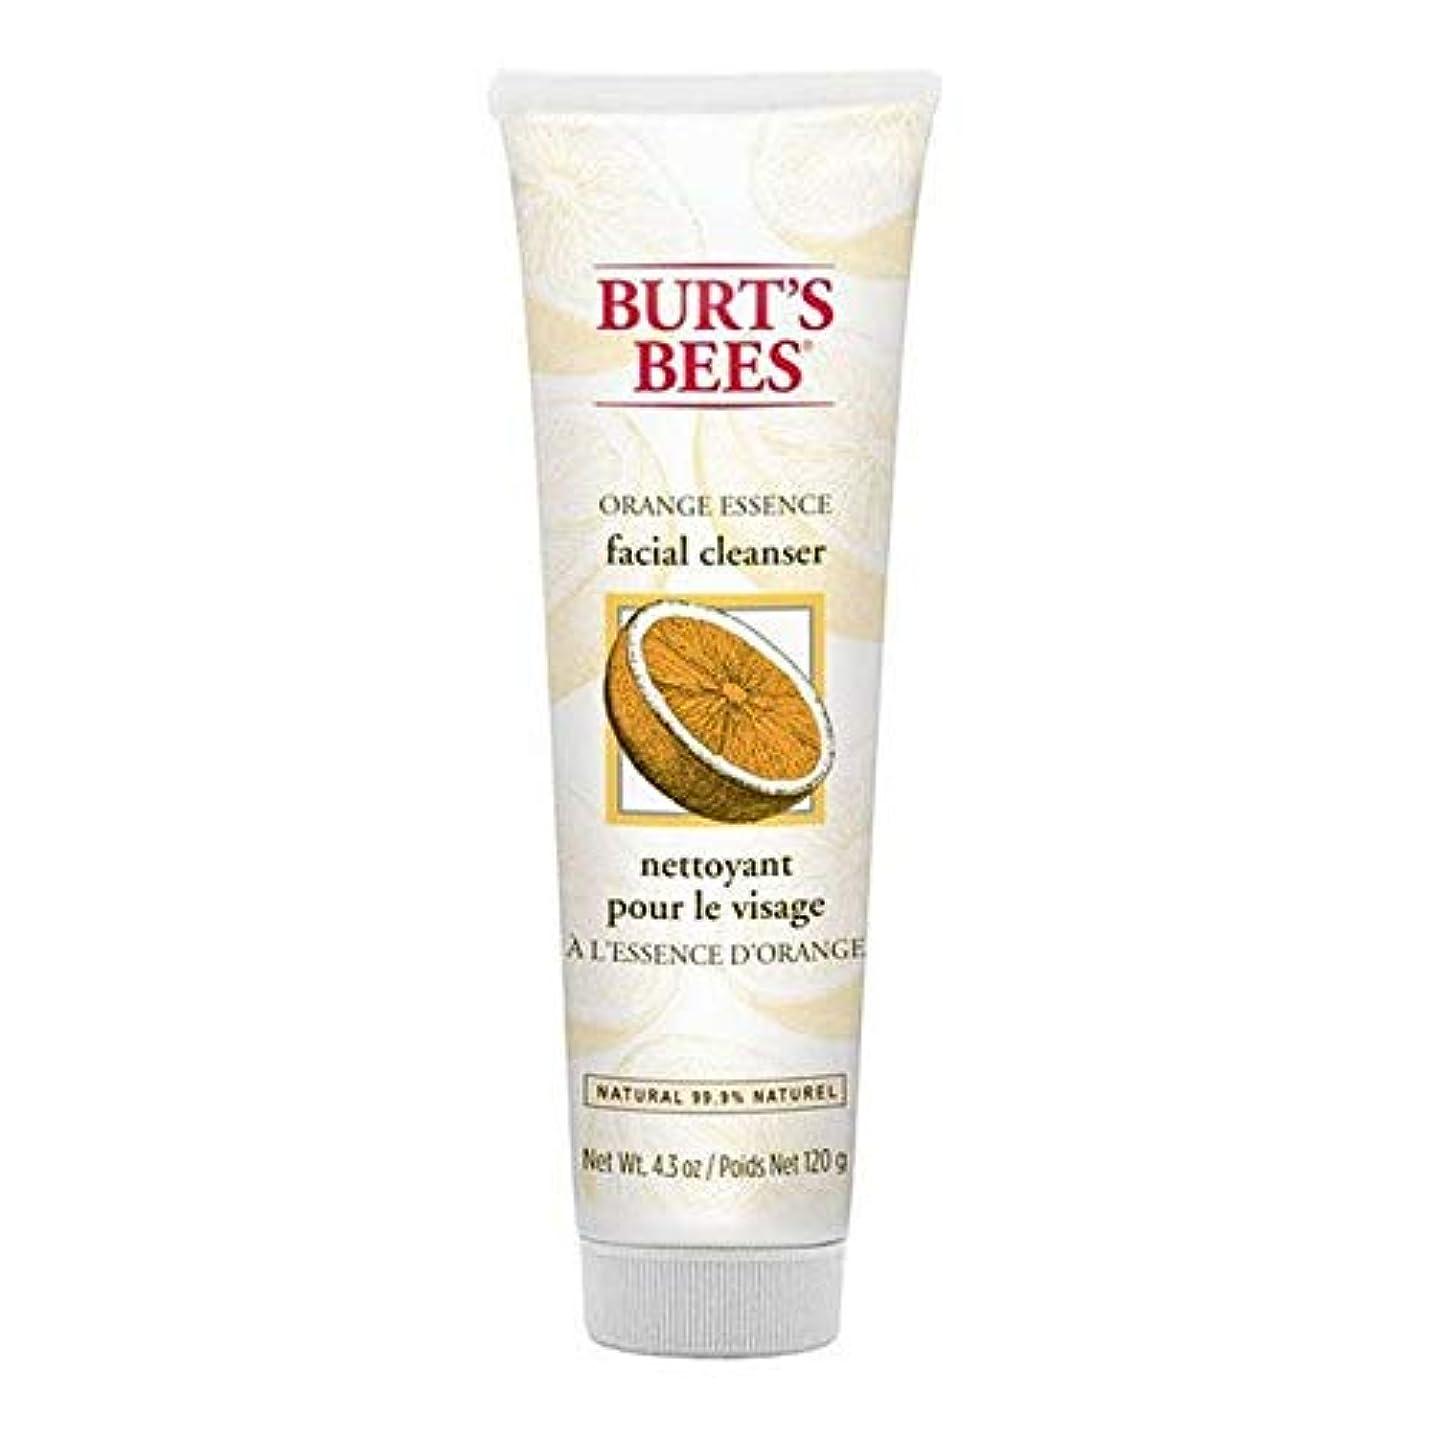 バンスクリュー気候[Burt's Bees ] バーツビーオレンジエッセンス洗顔料の120グラム - Burt's Bees Orange Essence Facial Cleanser 120g [並行輸入品]